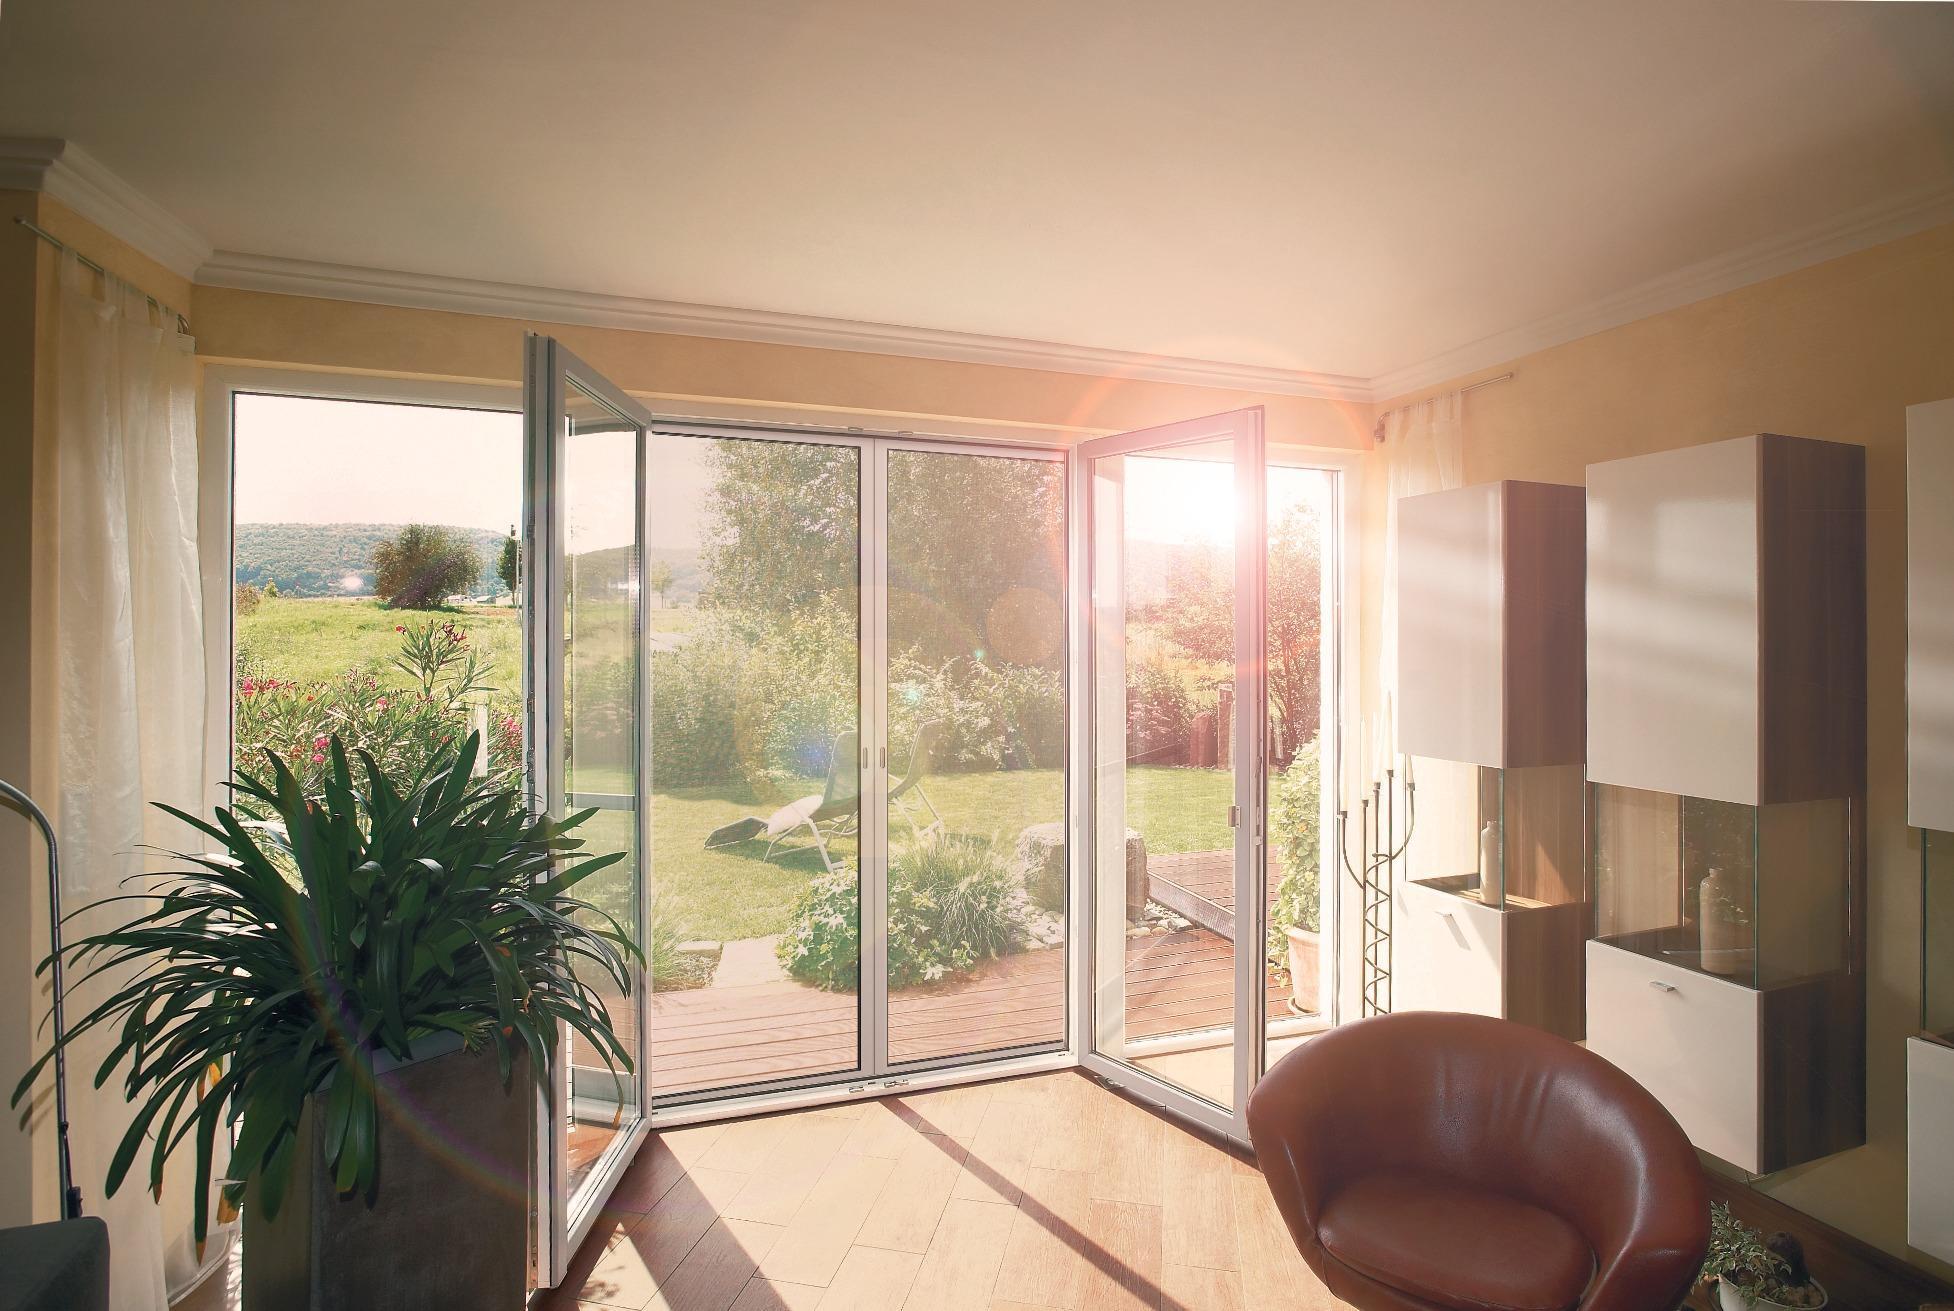 WAREMA Insektenschutz Schützt Vor Unerwünschten Plagegeistern #wohnzimmer # Rollo ©WAREMA Renkhoff SE